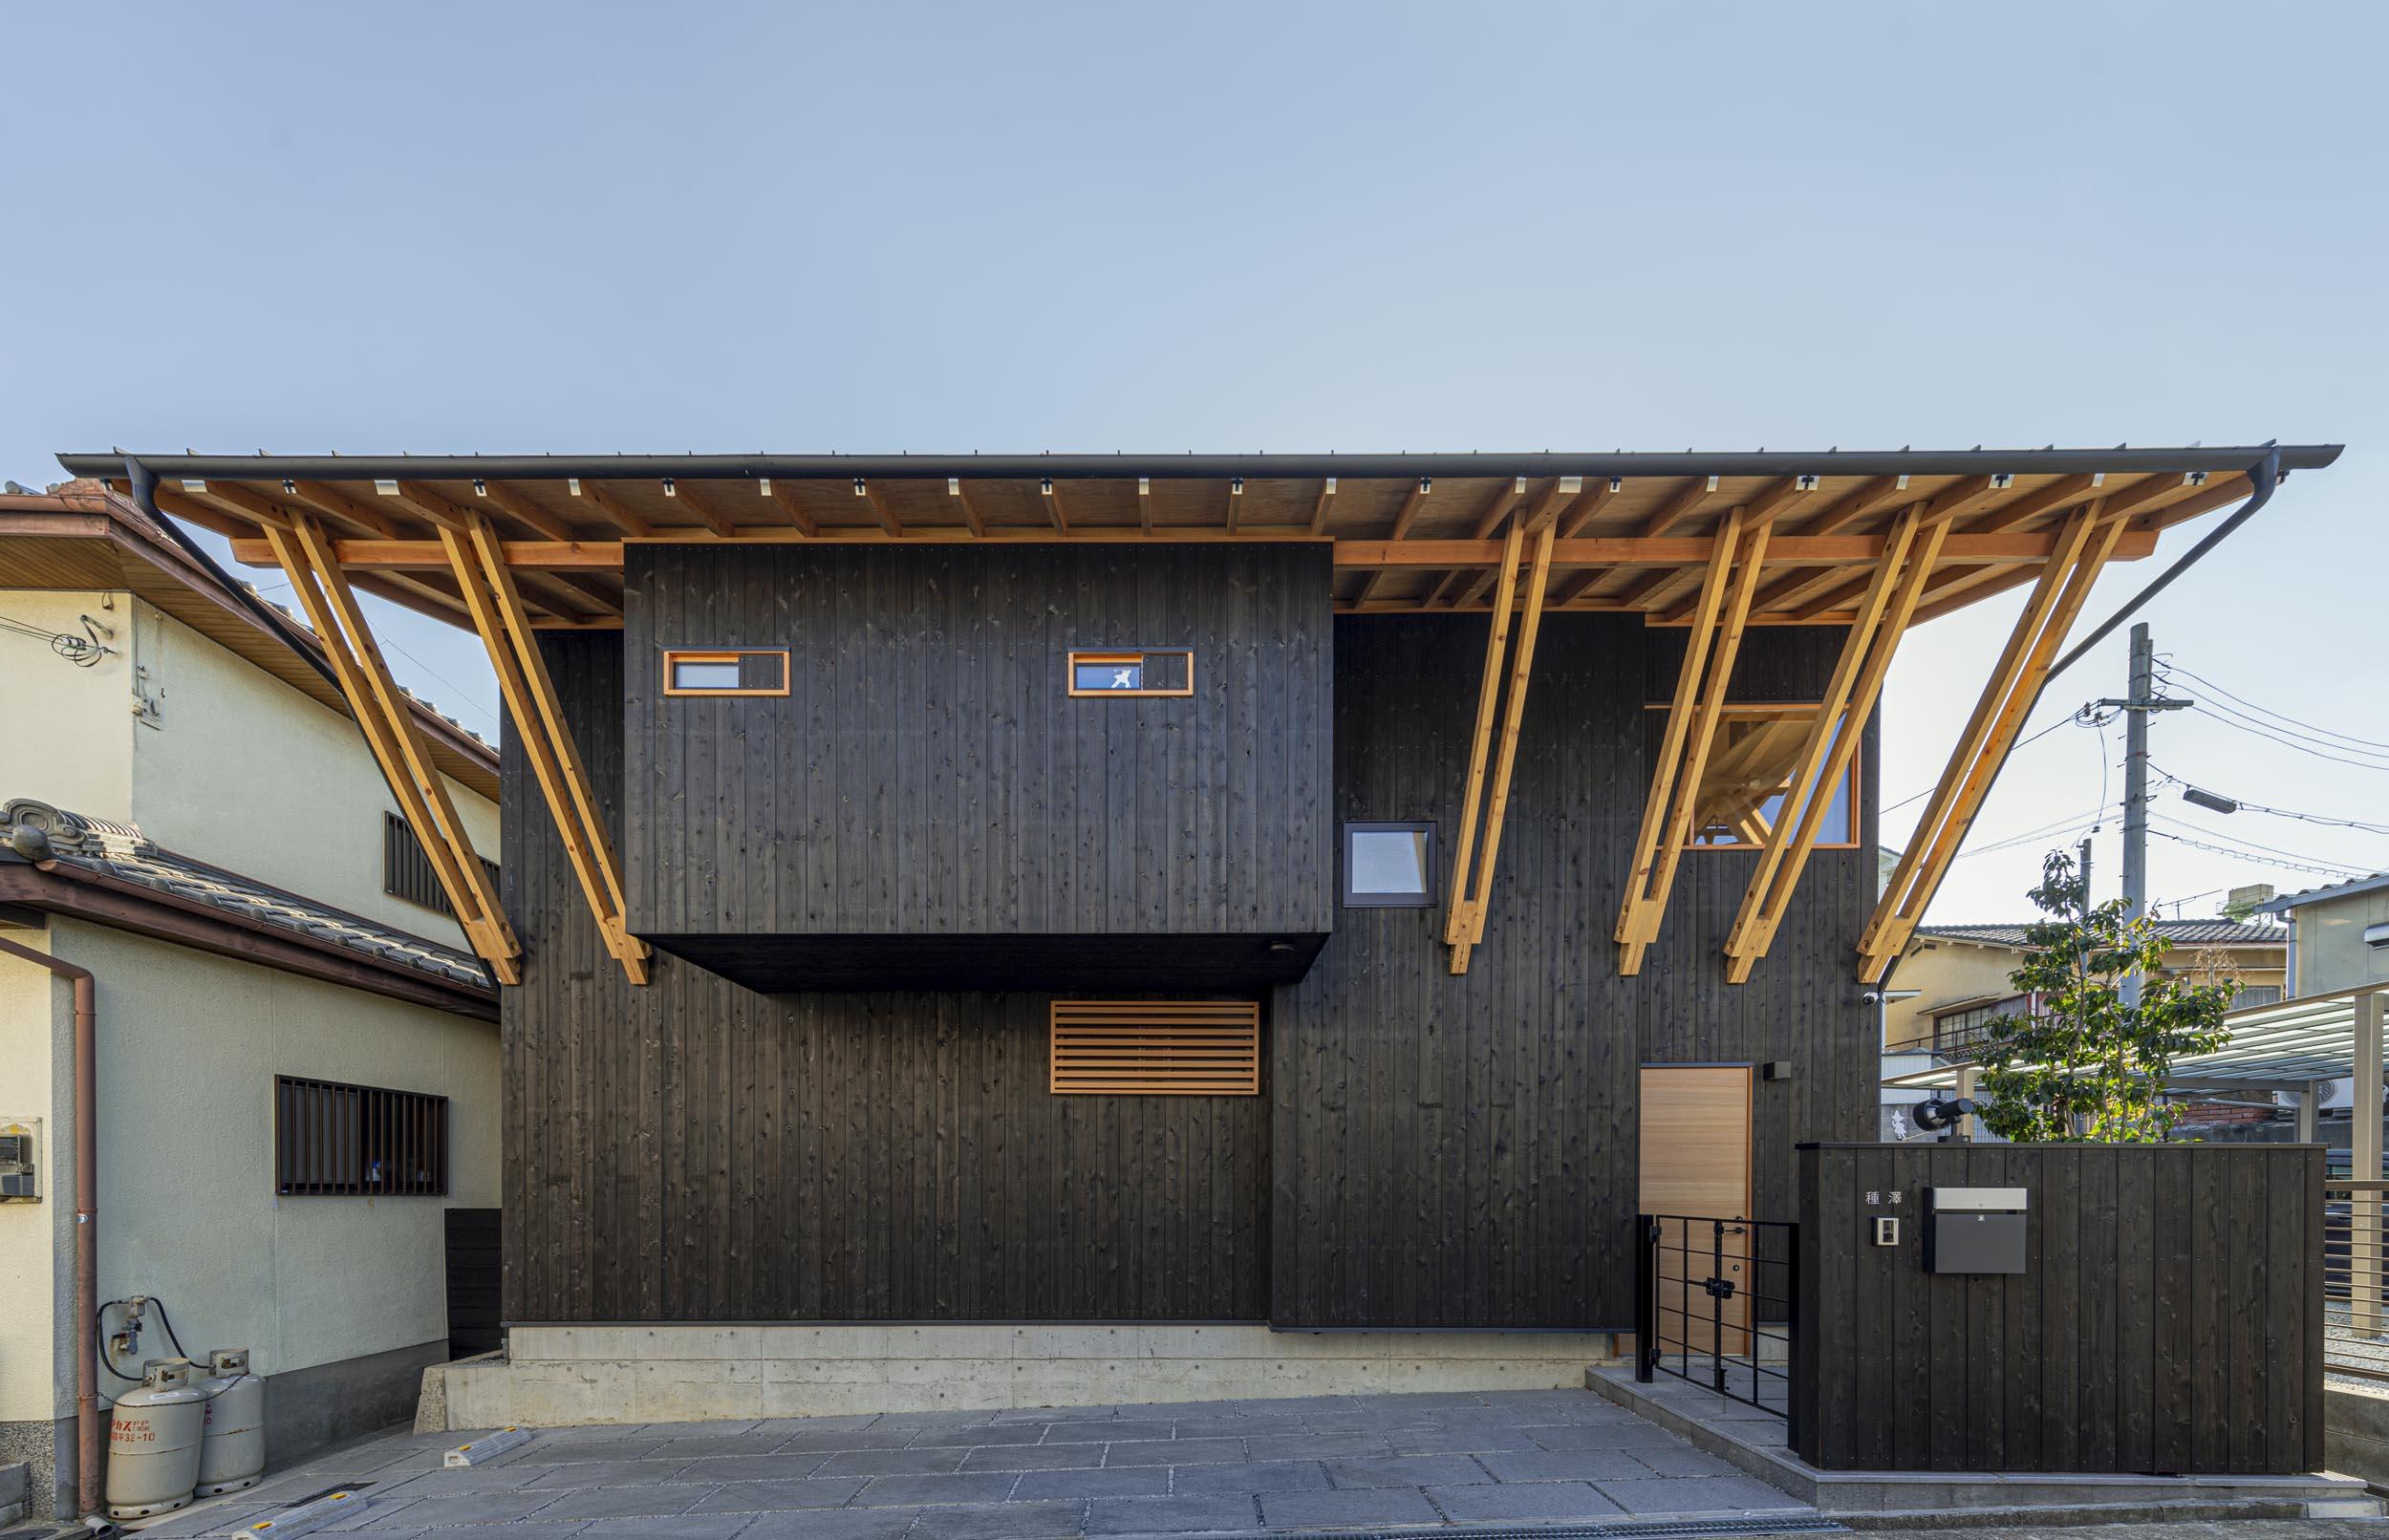 高橋勝建築設計事務所|Masaru Takahashi architectural design office